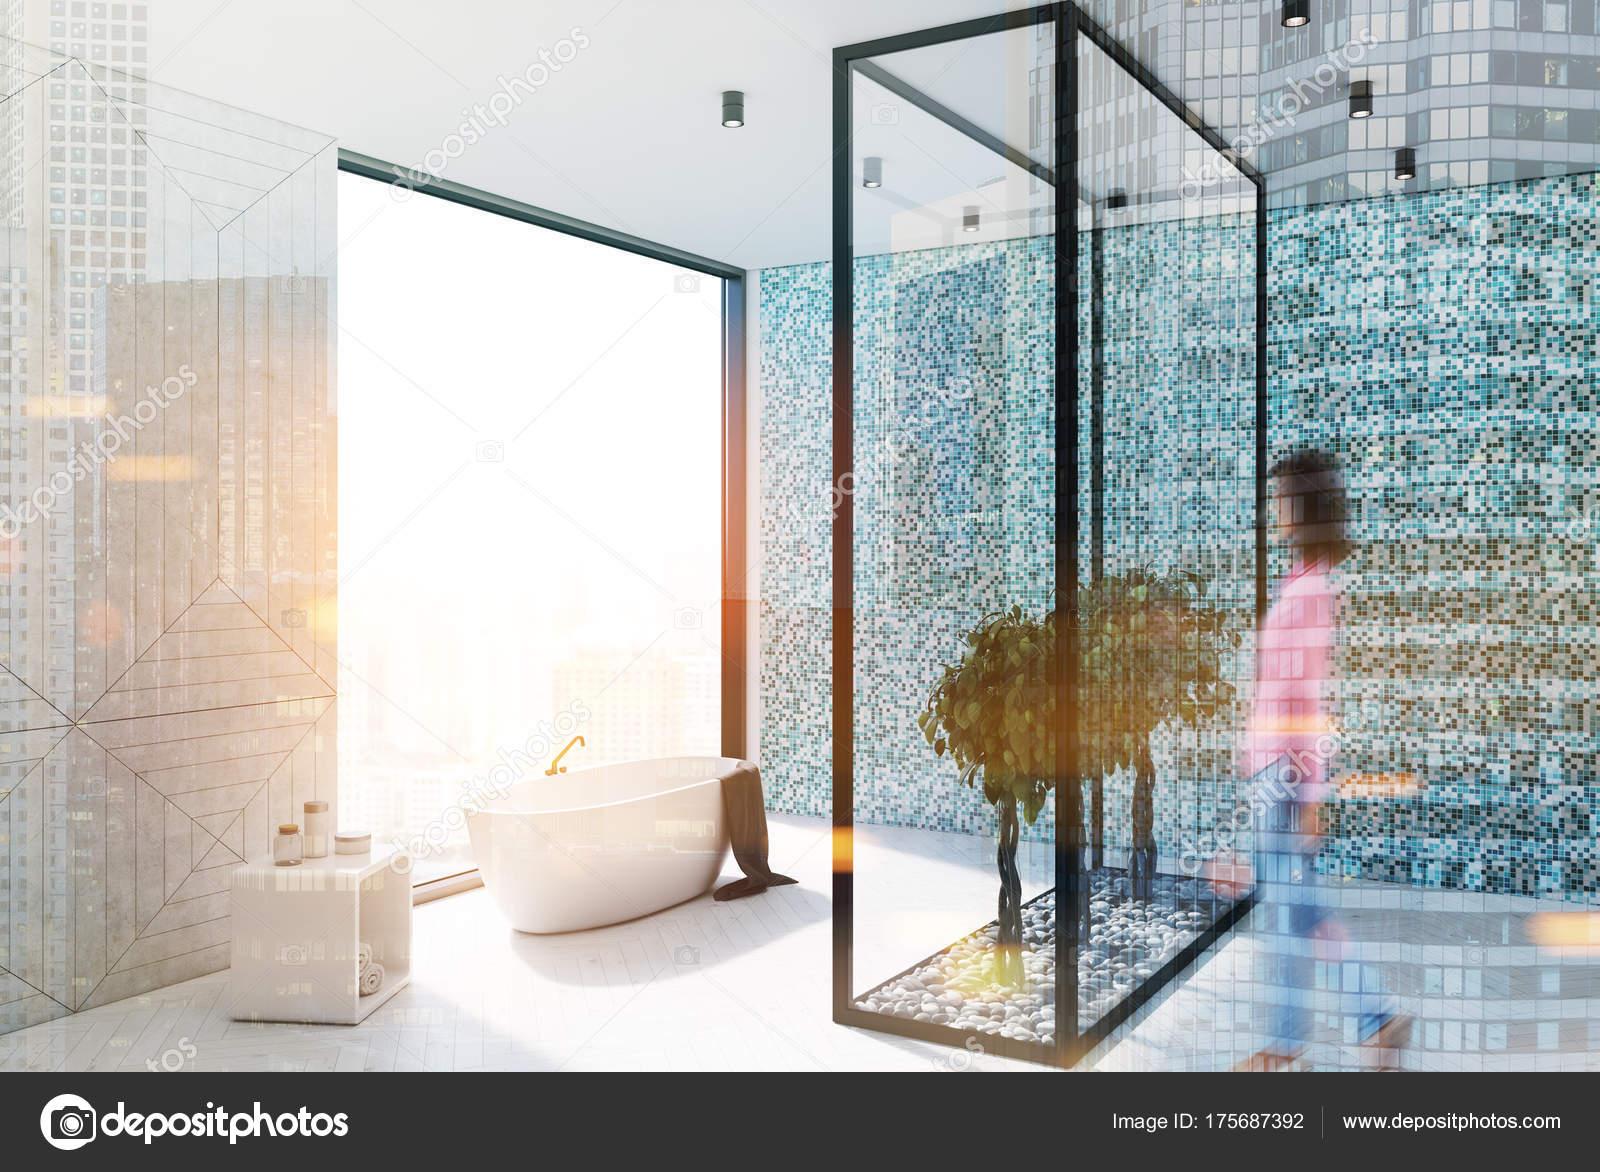 Wandtegels Badkamer Blauw : Badkamer met blauwe tegels inspiratie tegels interieur van